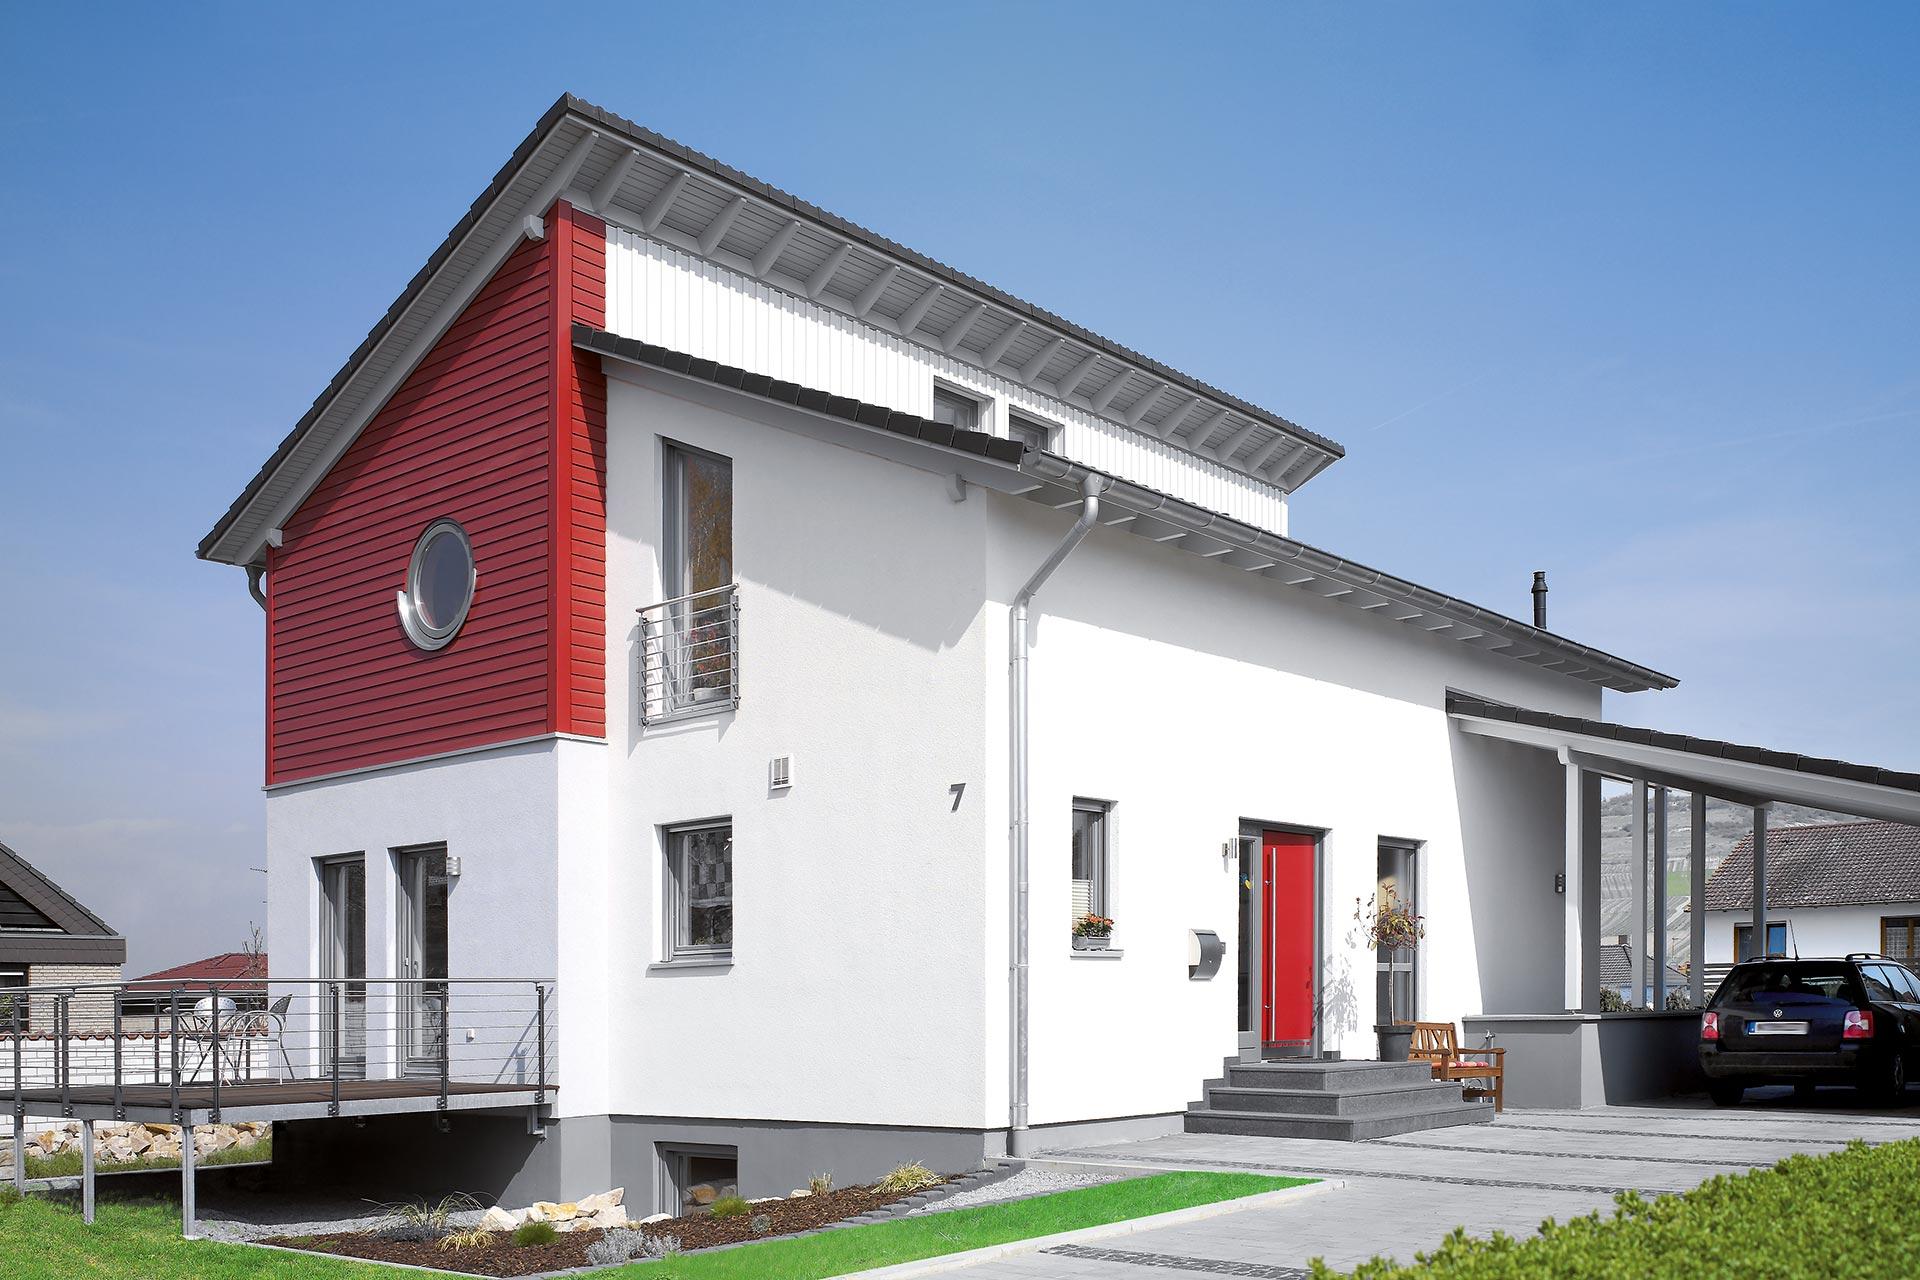 einfamilienhaus wildpark ein fertighaus von gussek haus. Black Bedroom Furniture Sets. Home Design Ideas